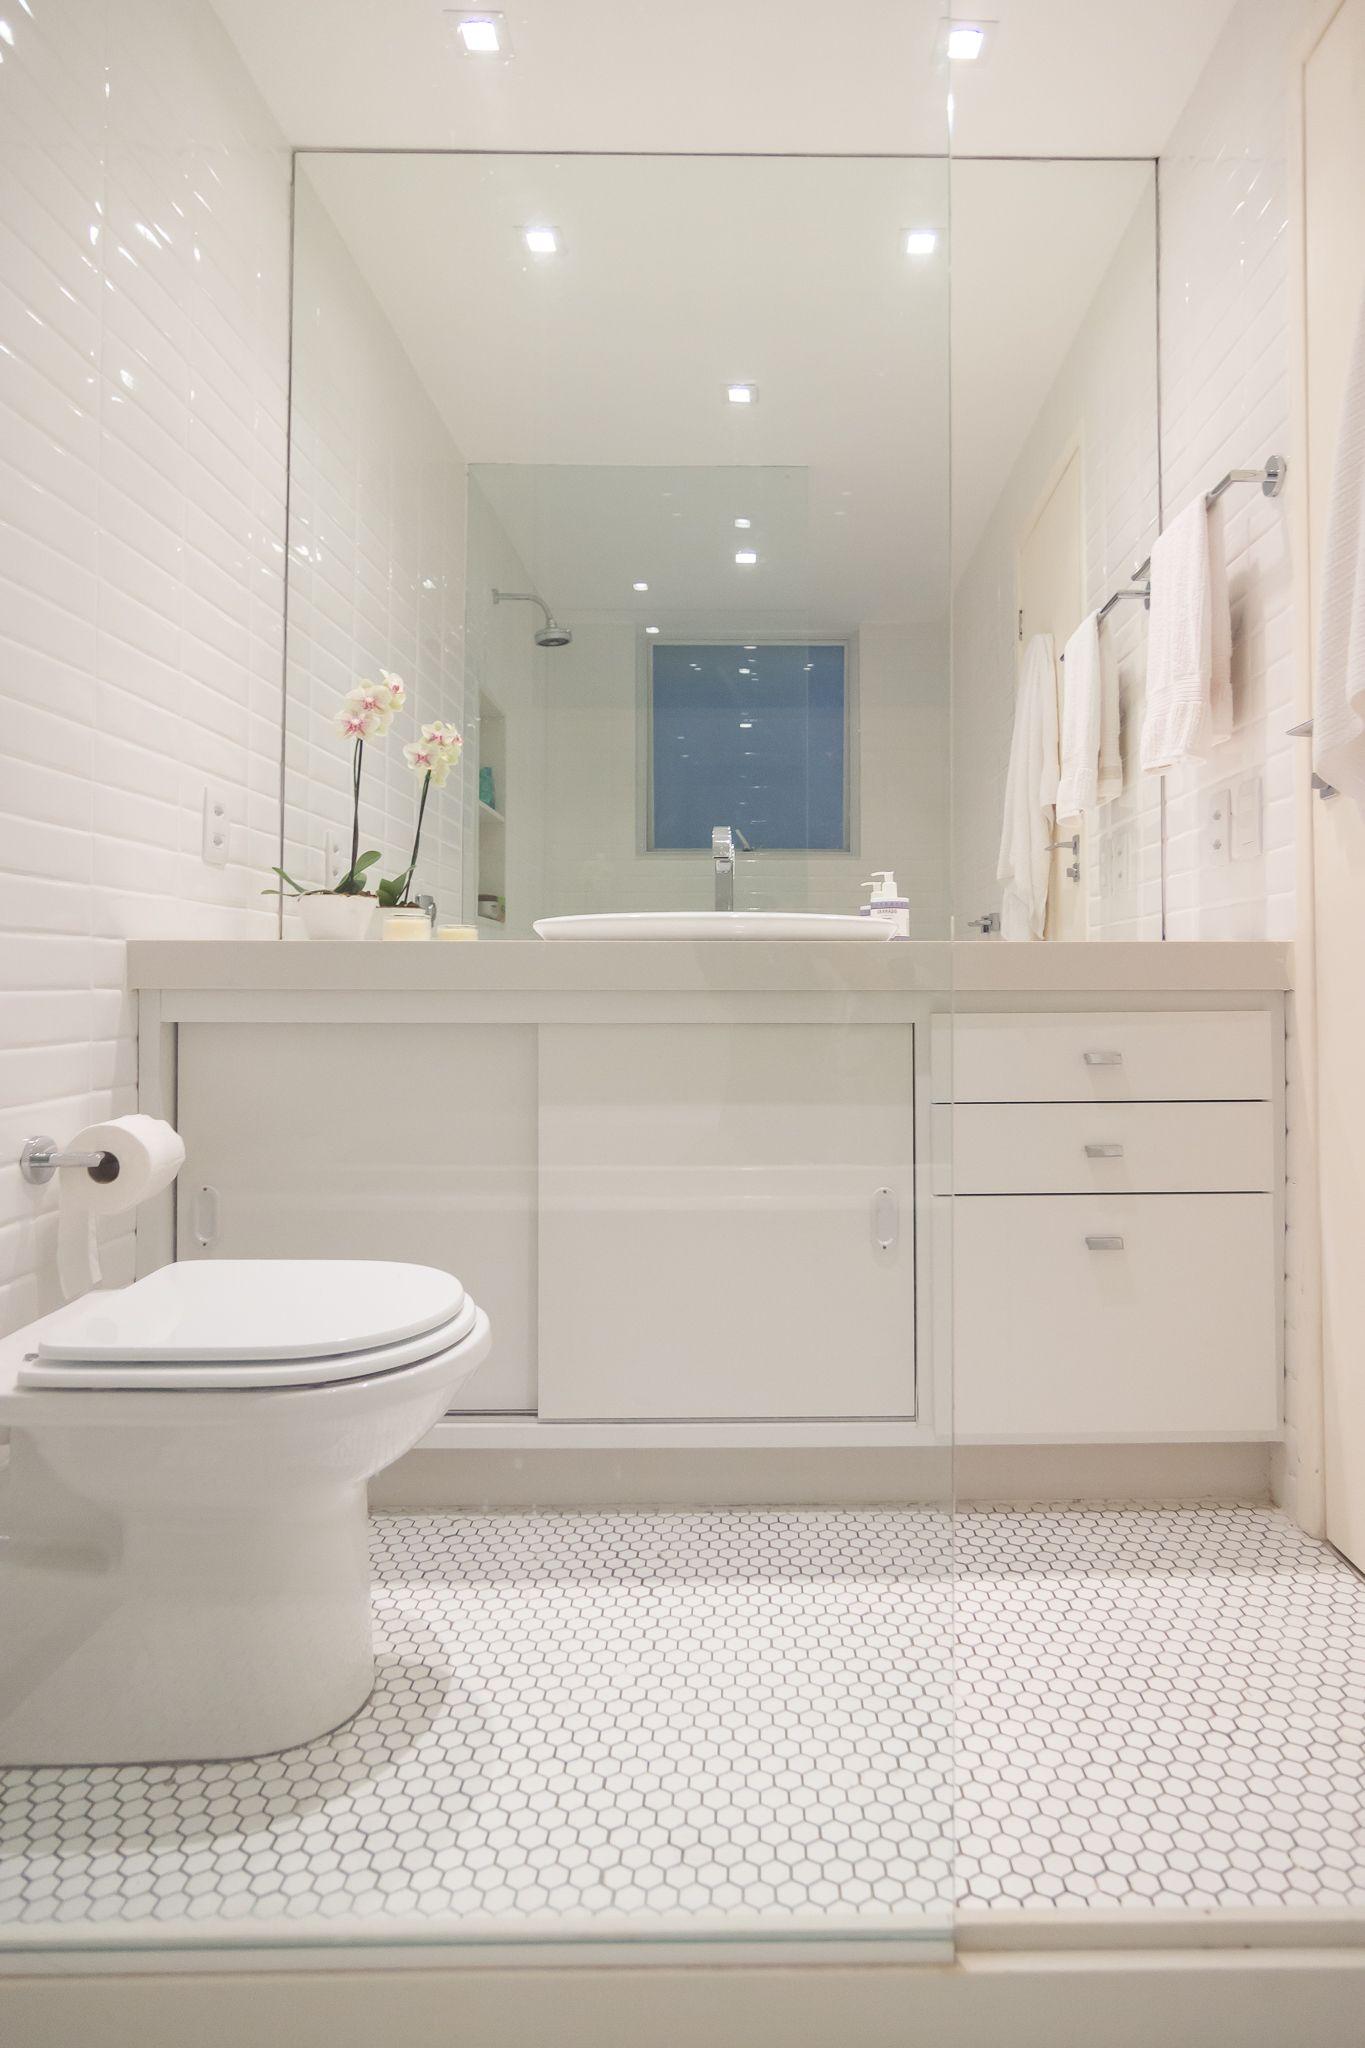 Banheiro todo branco, com estilo retrô! Piso com formato ...